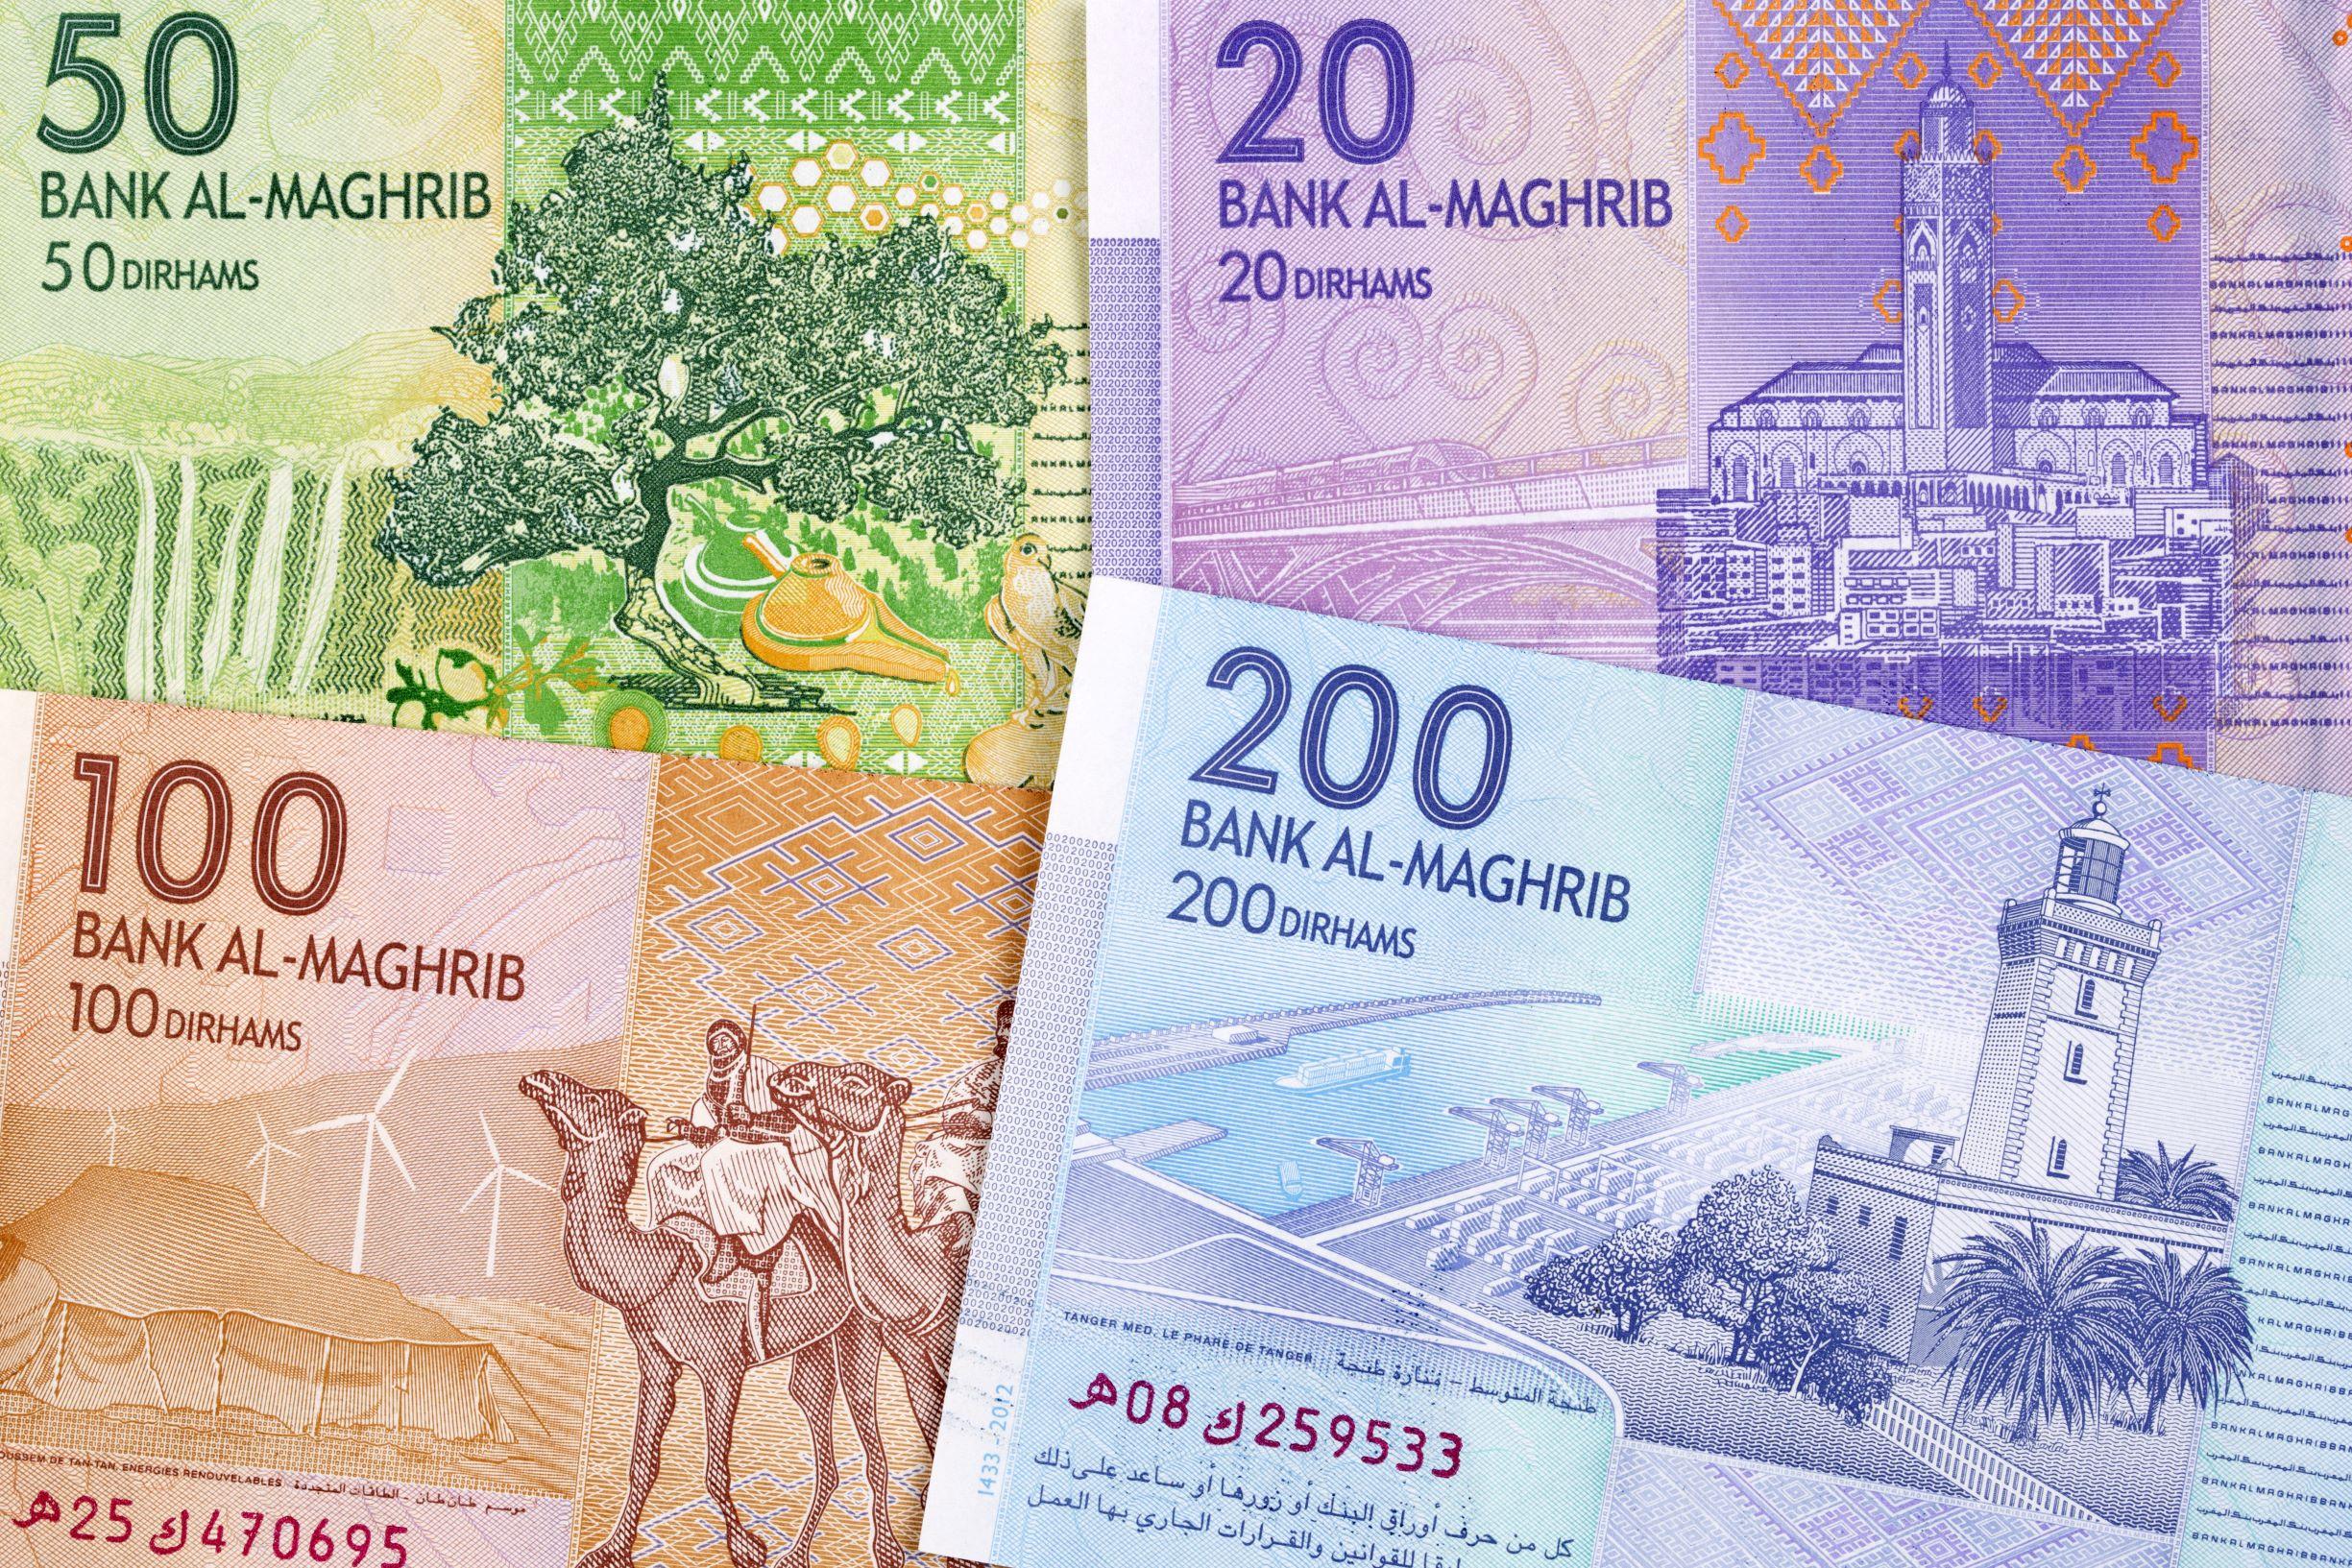 Cómo enviar dinero a Marruecos